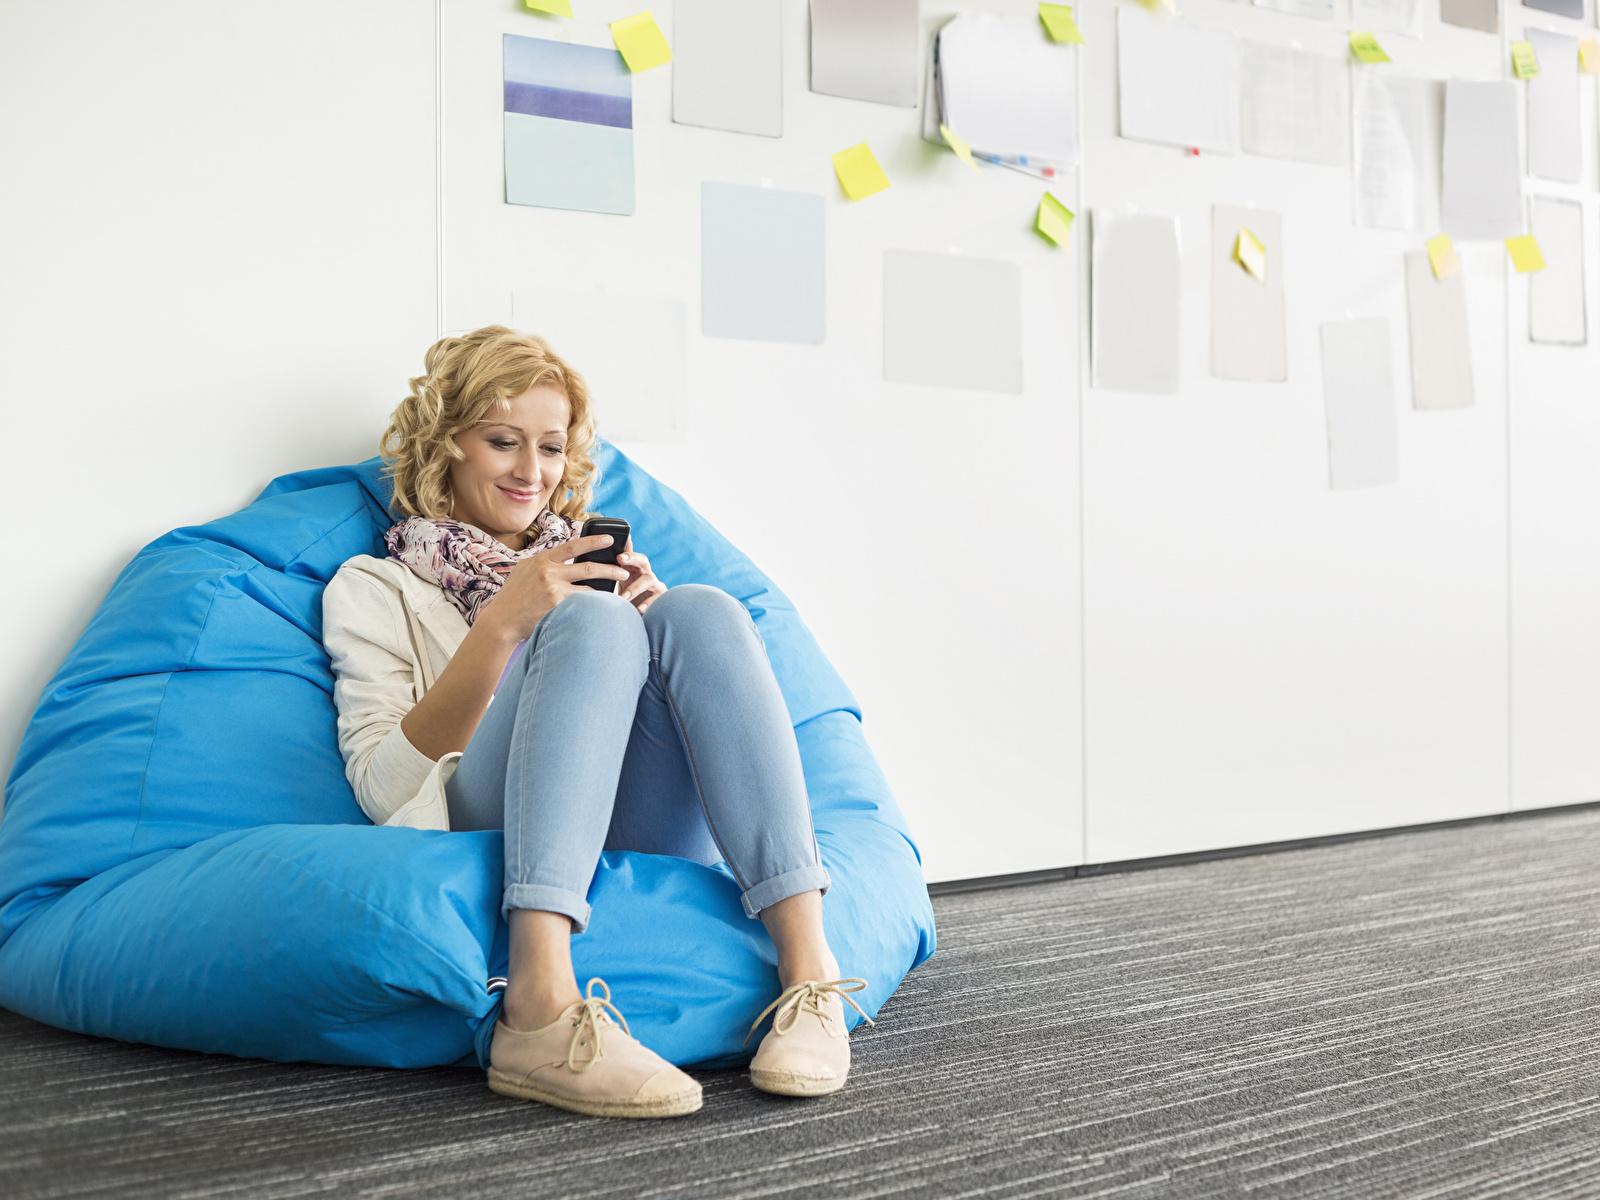 Fotos von Blond Mädchen Lächeln Mädchens Bein sitzt 1600x1200 Blondine junge frau junge Frauen sitzen Sitzend